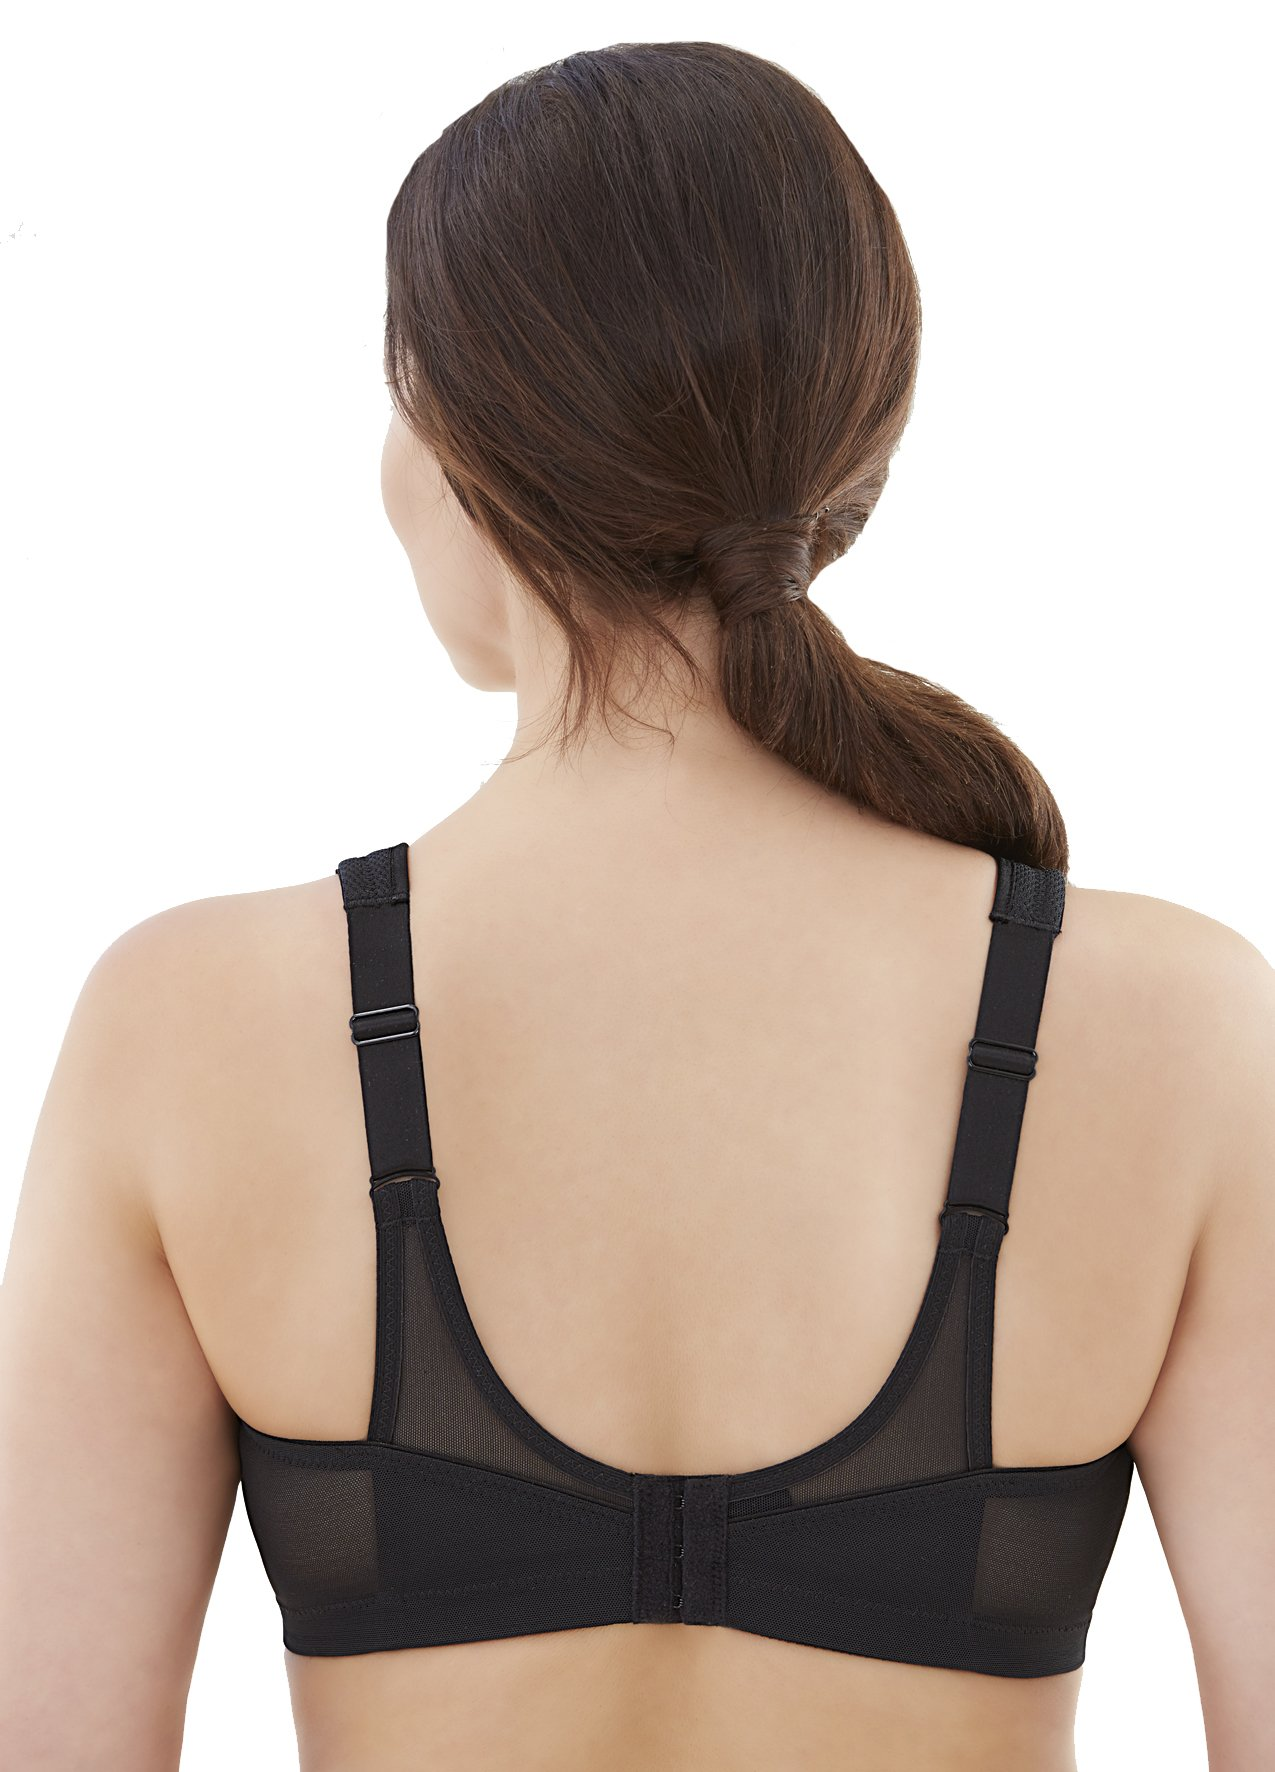 Glamorise Women's Full-Figure Sports Bra, Black, 34DD by Glamorise (Image #2)